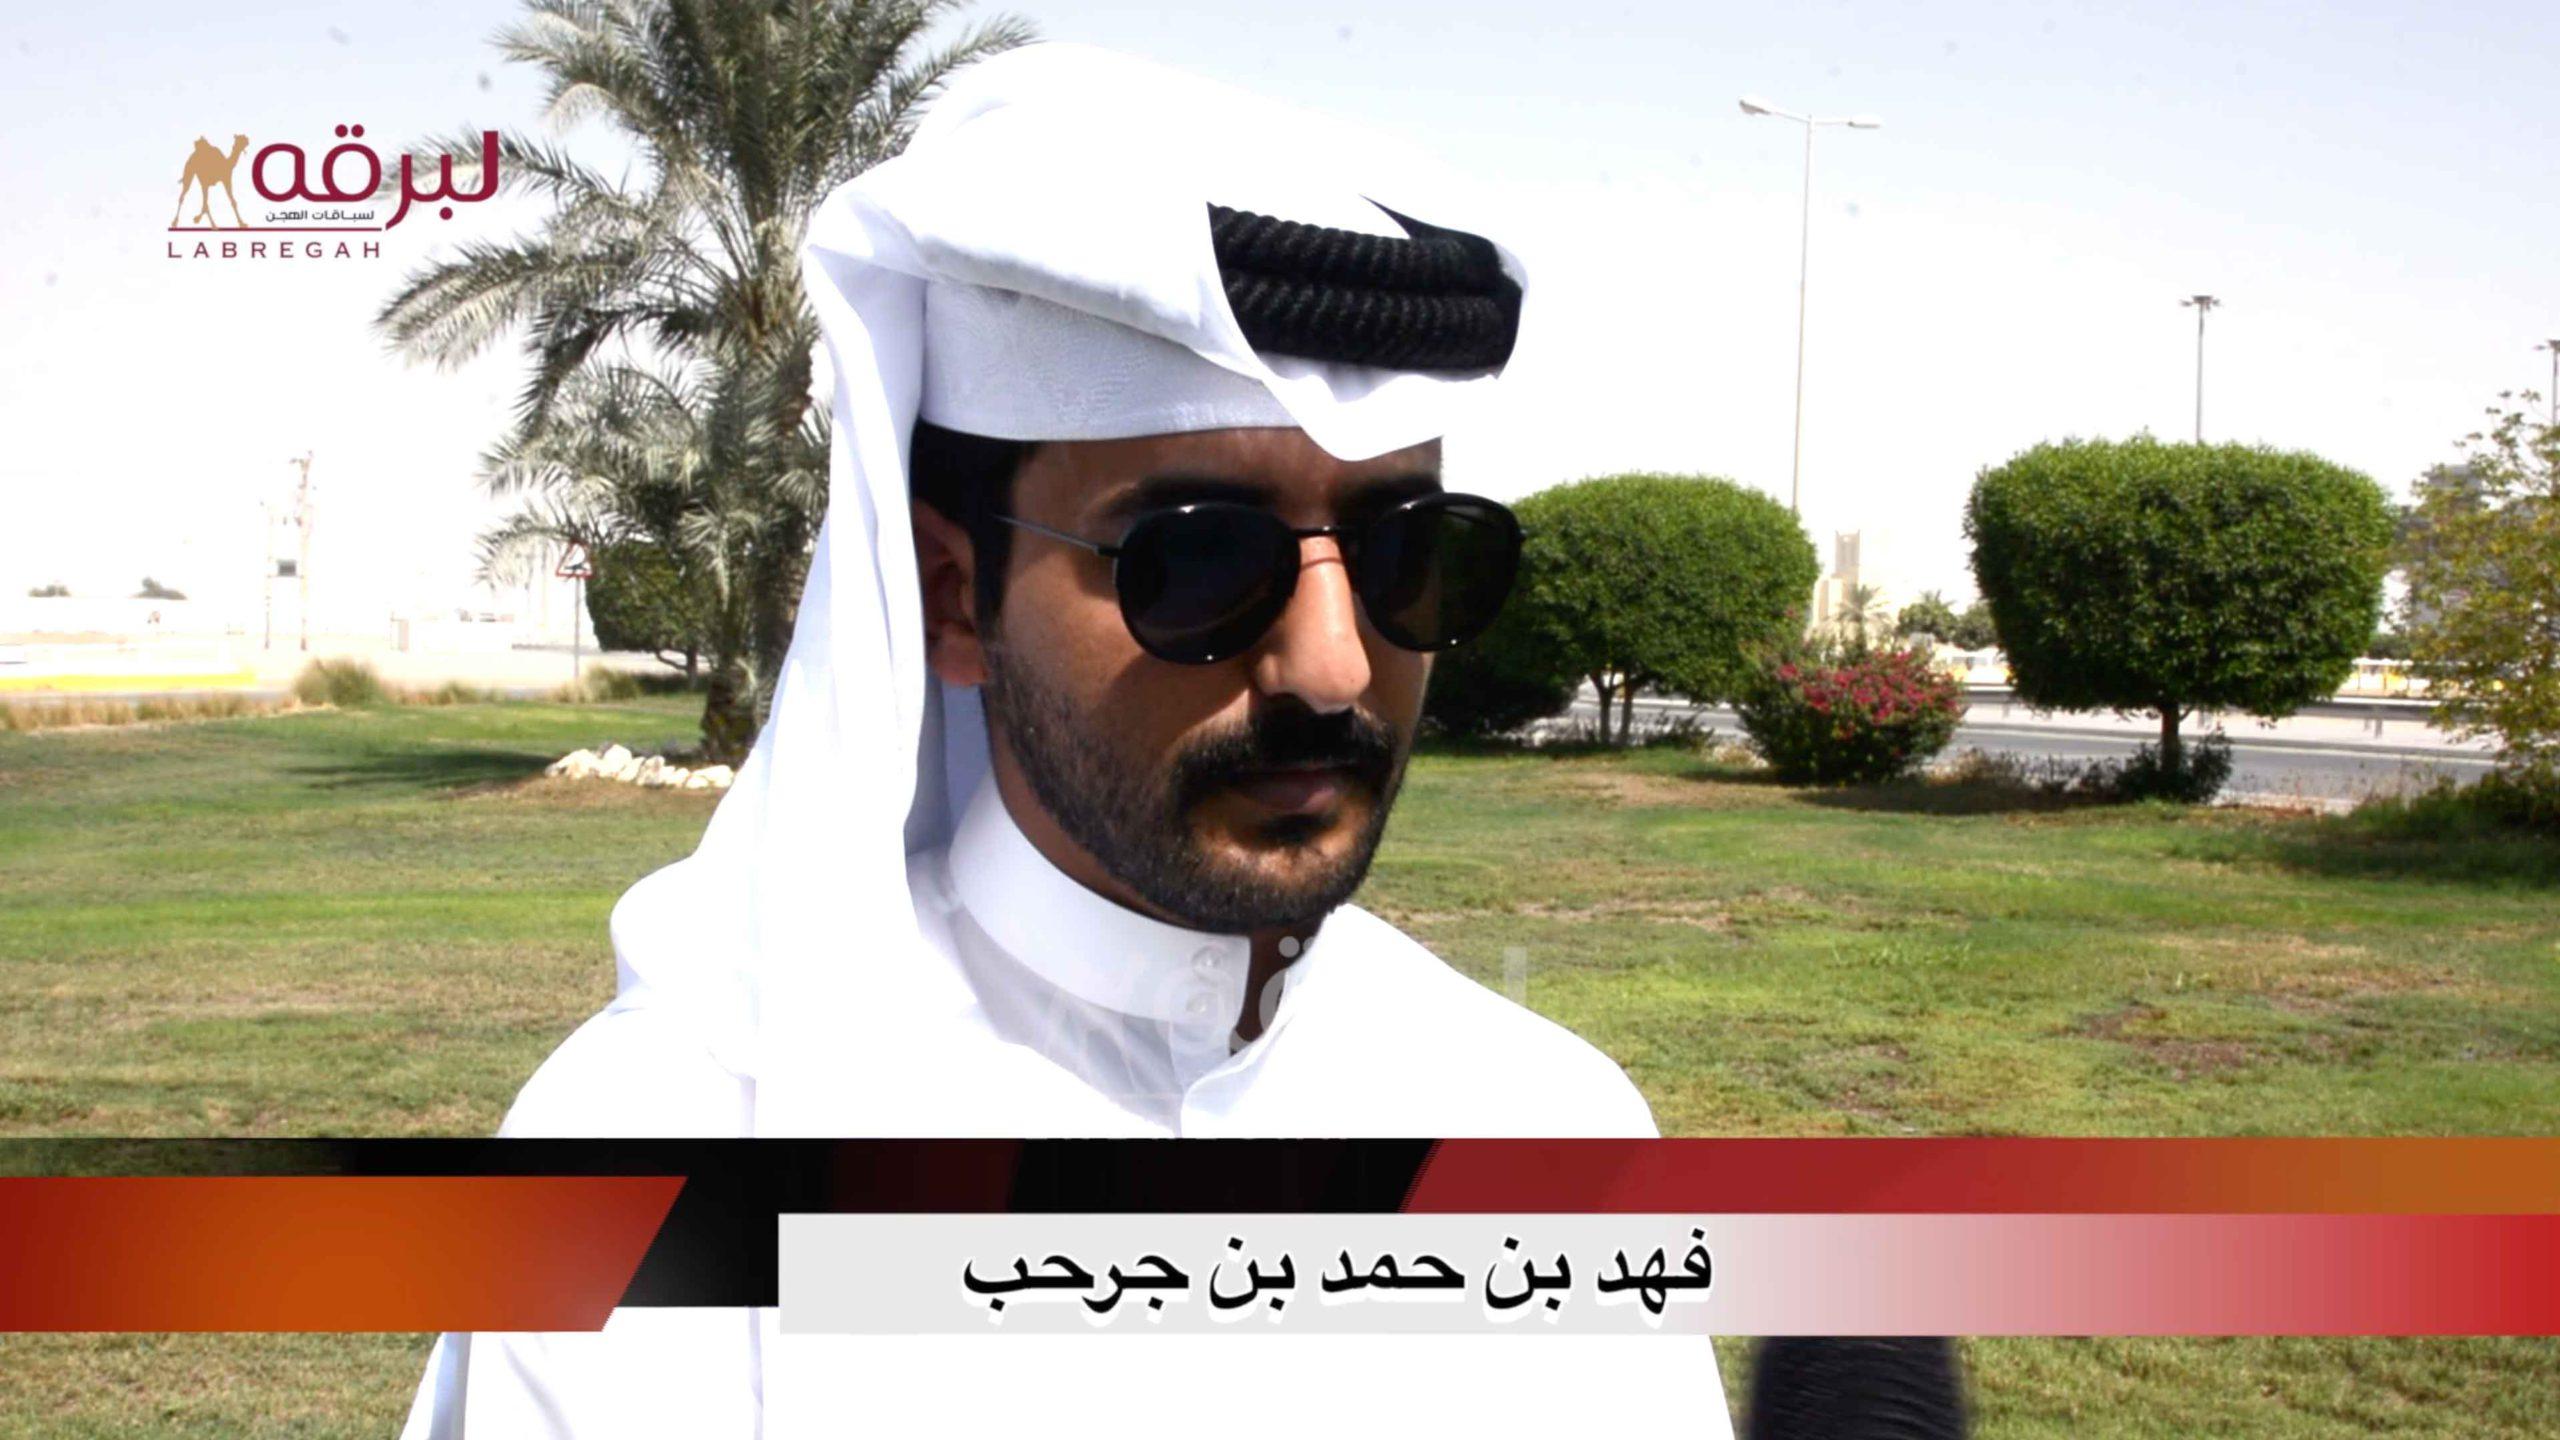 لقاء مع فهد بن حمد بن جرحب الشوط الرئيسي للقايا بكار مفتوح صباح ٢١-٩-٢٠٢٠